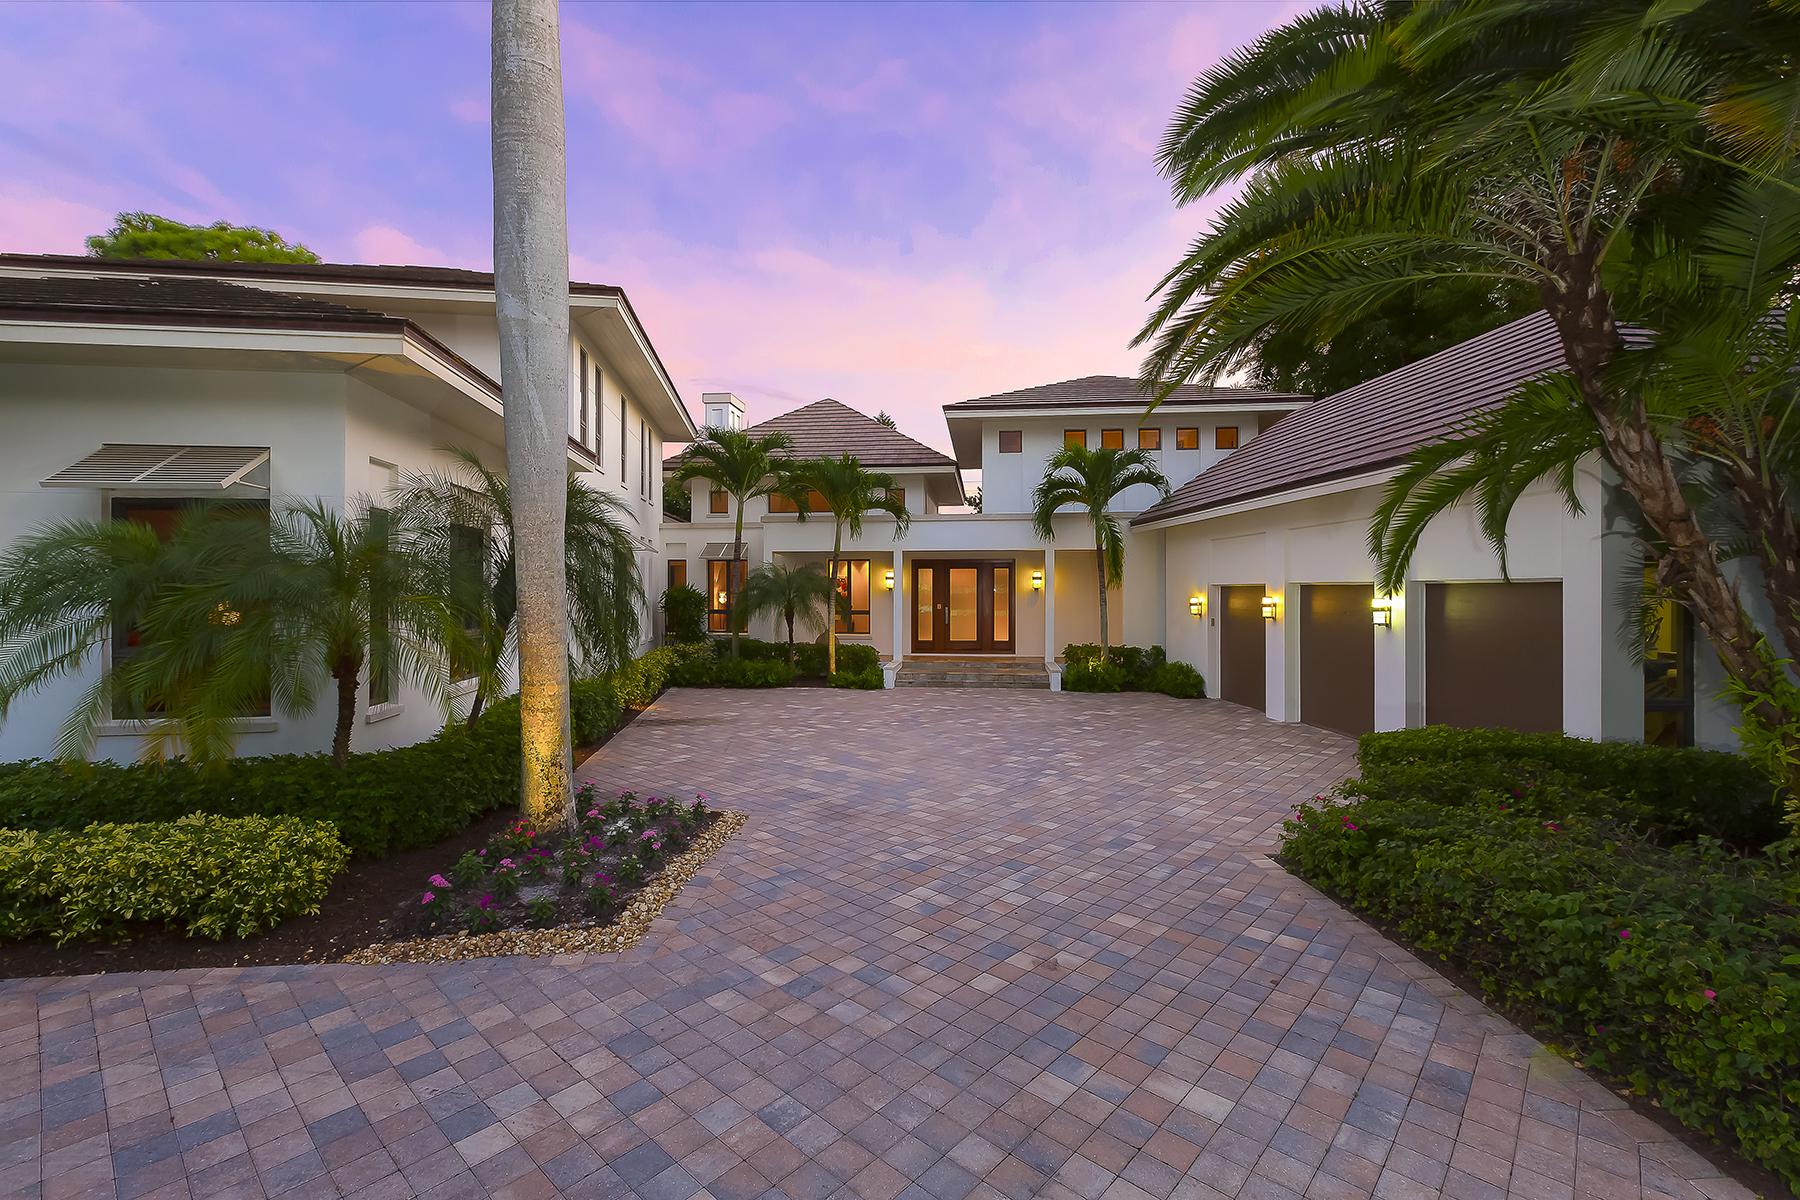 Einfamilienhaus für Verkauf beim COQUINA SANDS 396 Yucca Rd Coquina Sands, Naples, Florida, 34102 Vereinigte Staaten